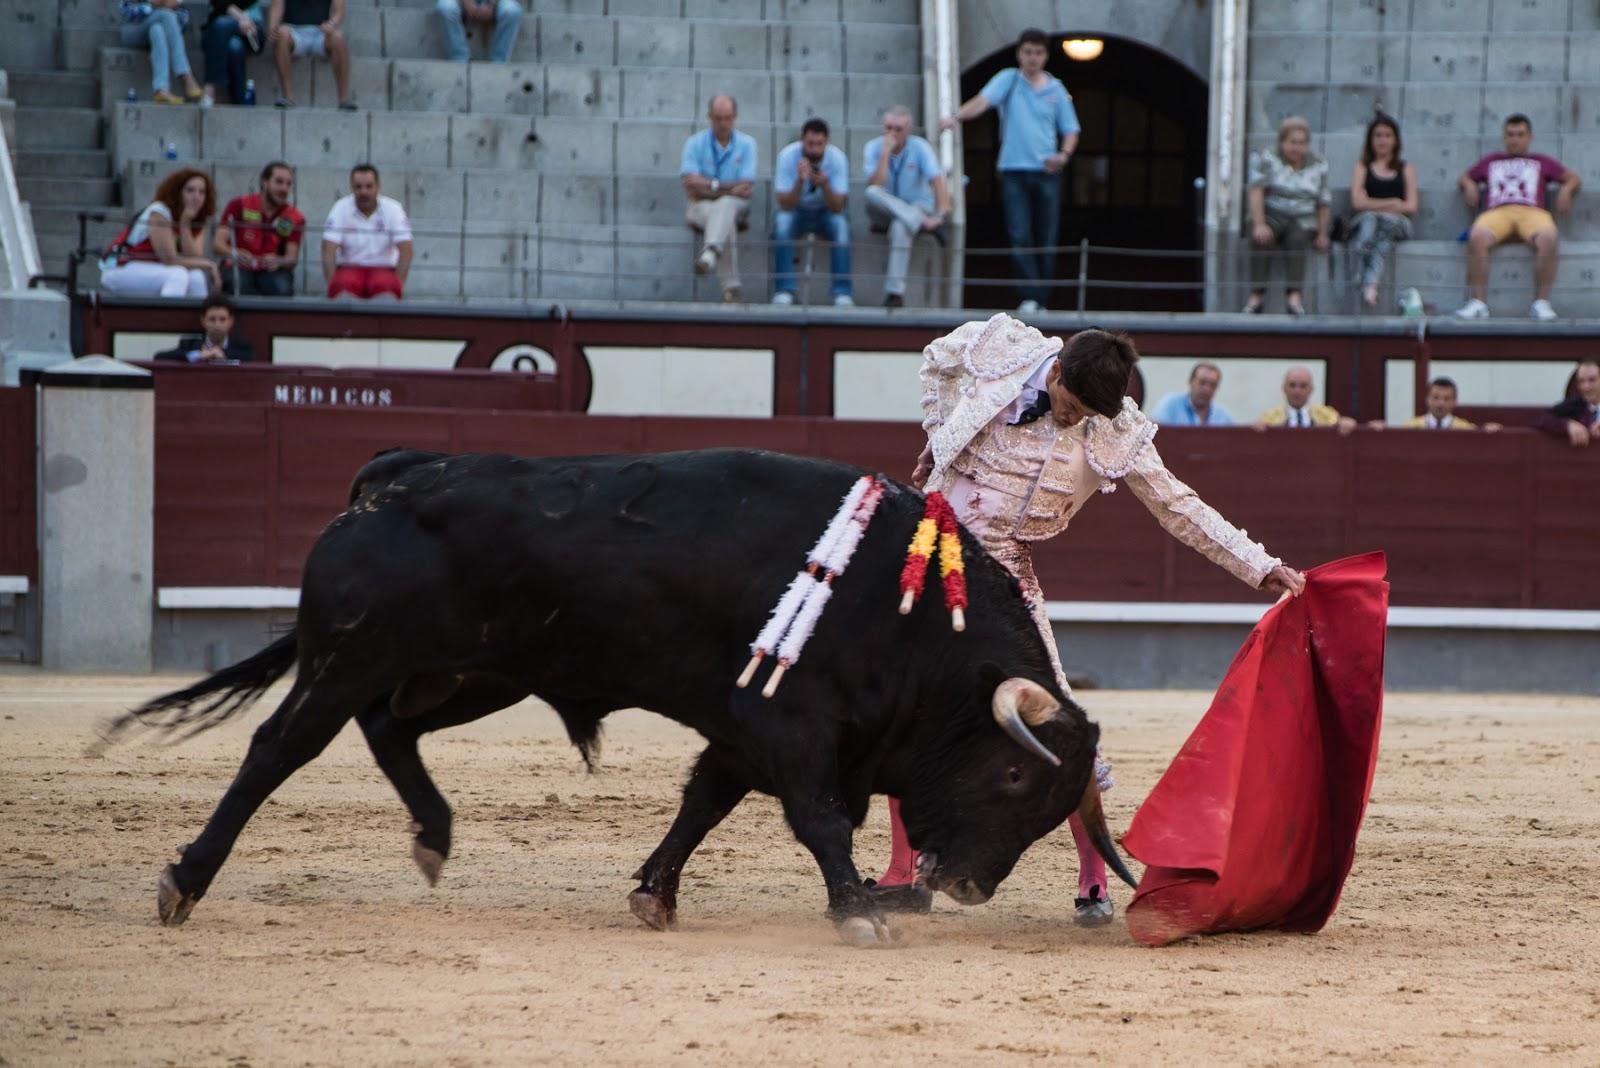 http://www.aplausos.es/noticia/23943/Noticias/Buena-impresion-de-Juan-Miguel-Benito-en-Las-Ventas.html